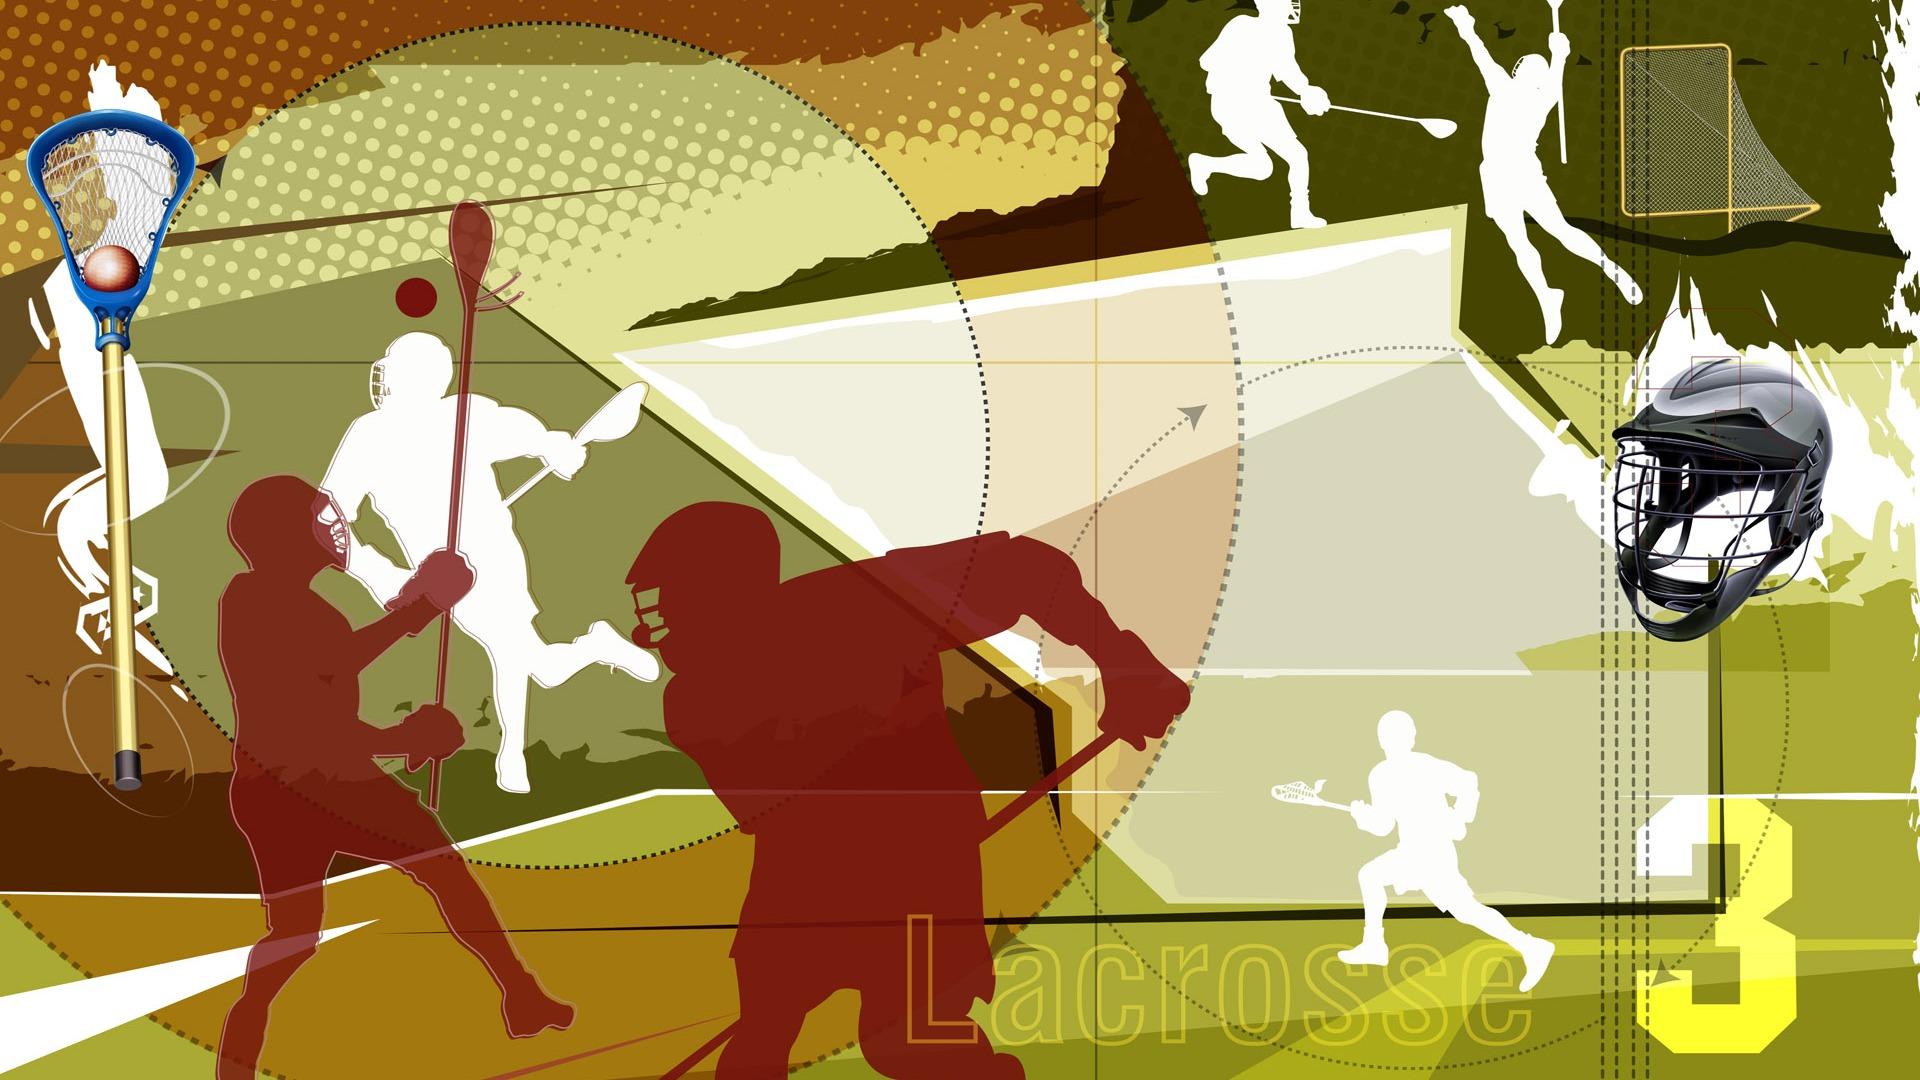 Imágenes Deportes Fondos: Pantalla Ancha De Fondos De Escritorio De Deporte (1) #13